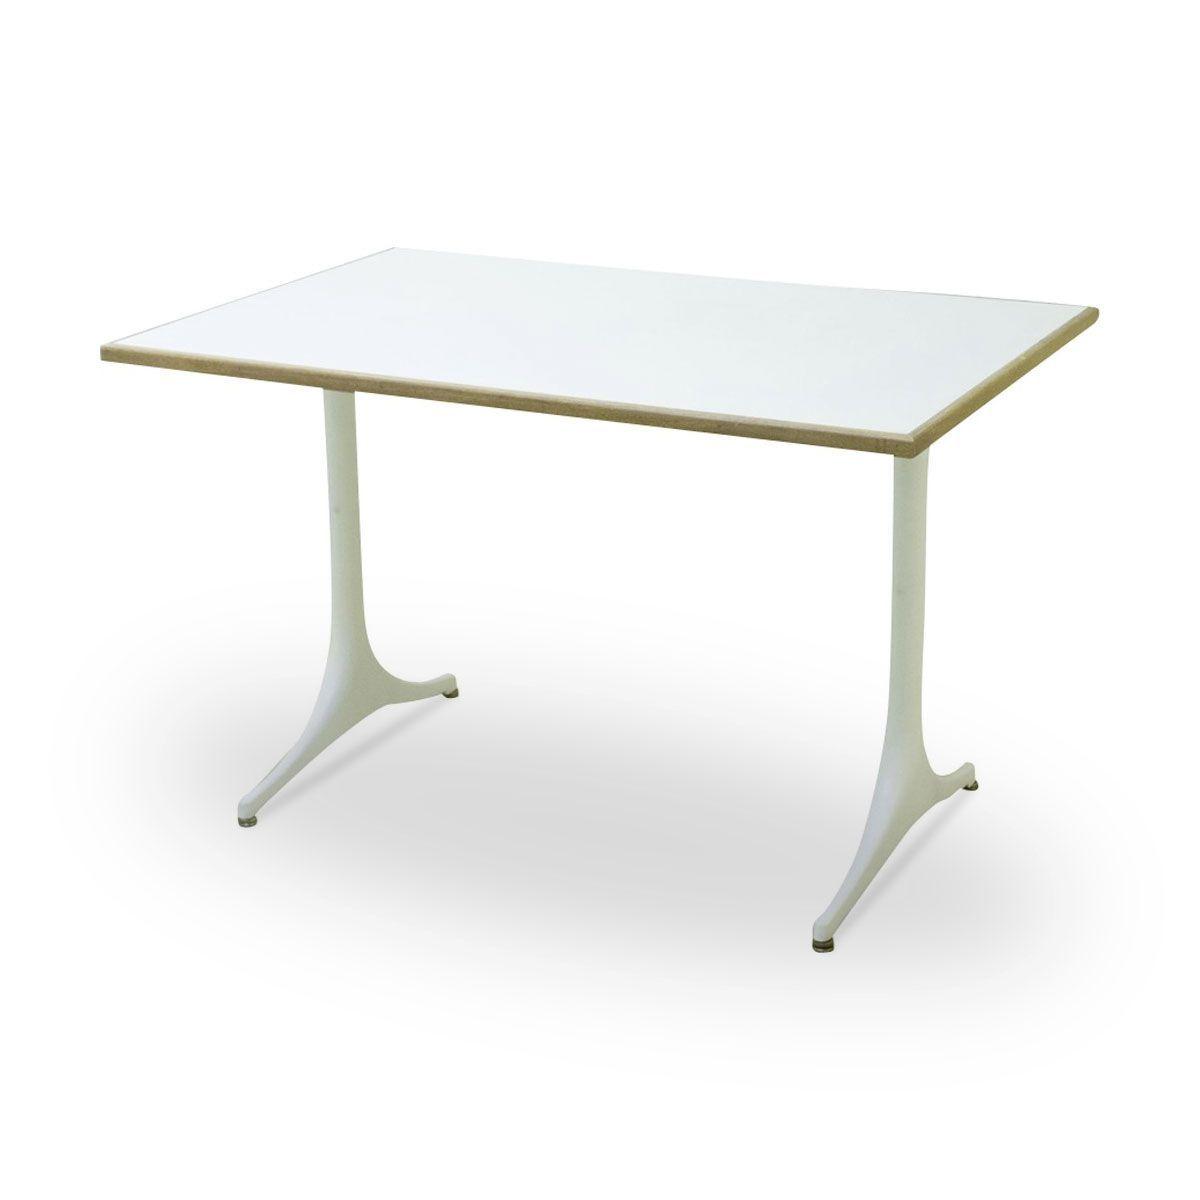 Design Esstisch Ausziehbar Weiss Gebrauchte Eckbank Mit Tisch Und